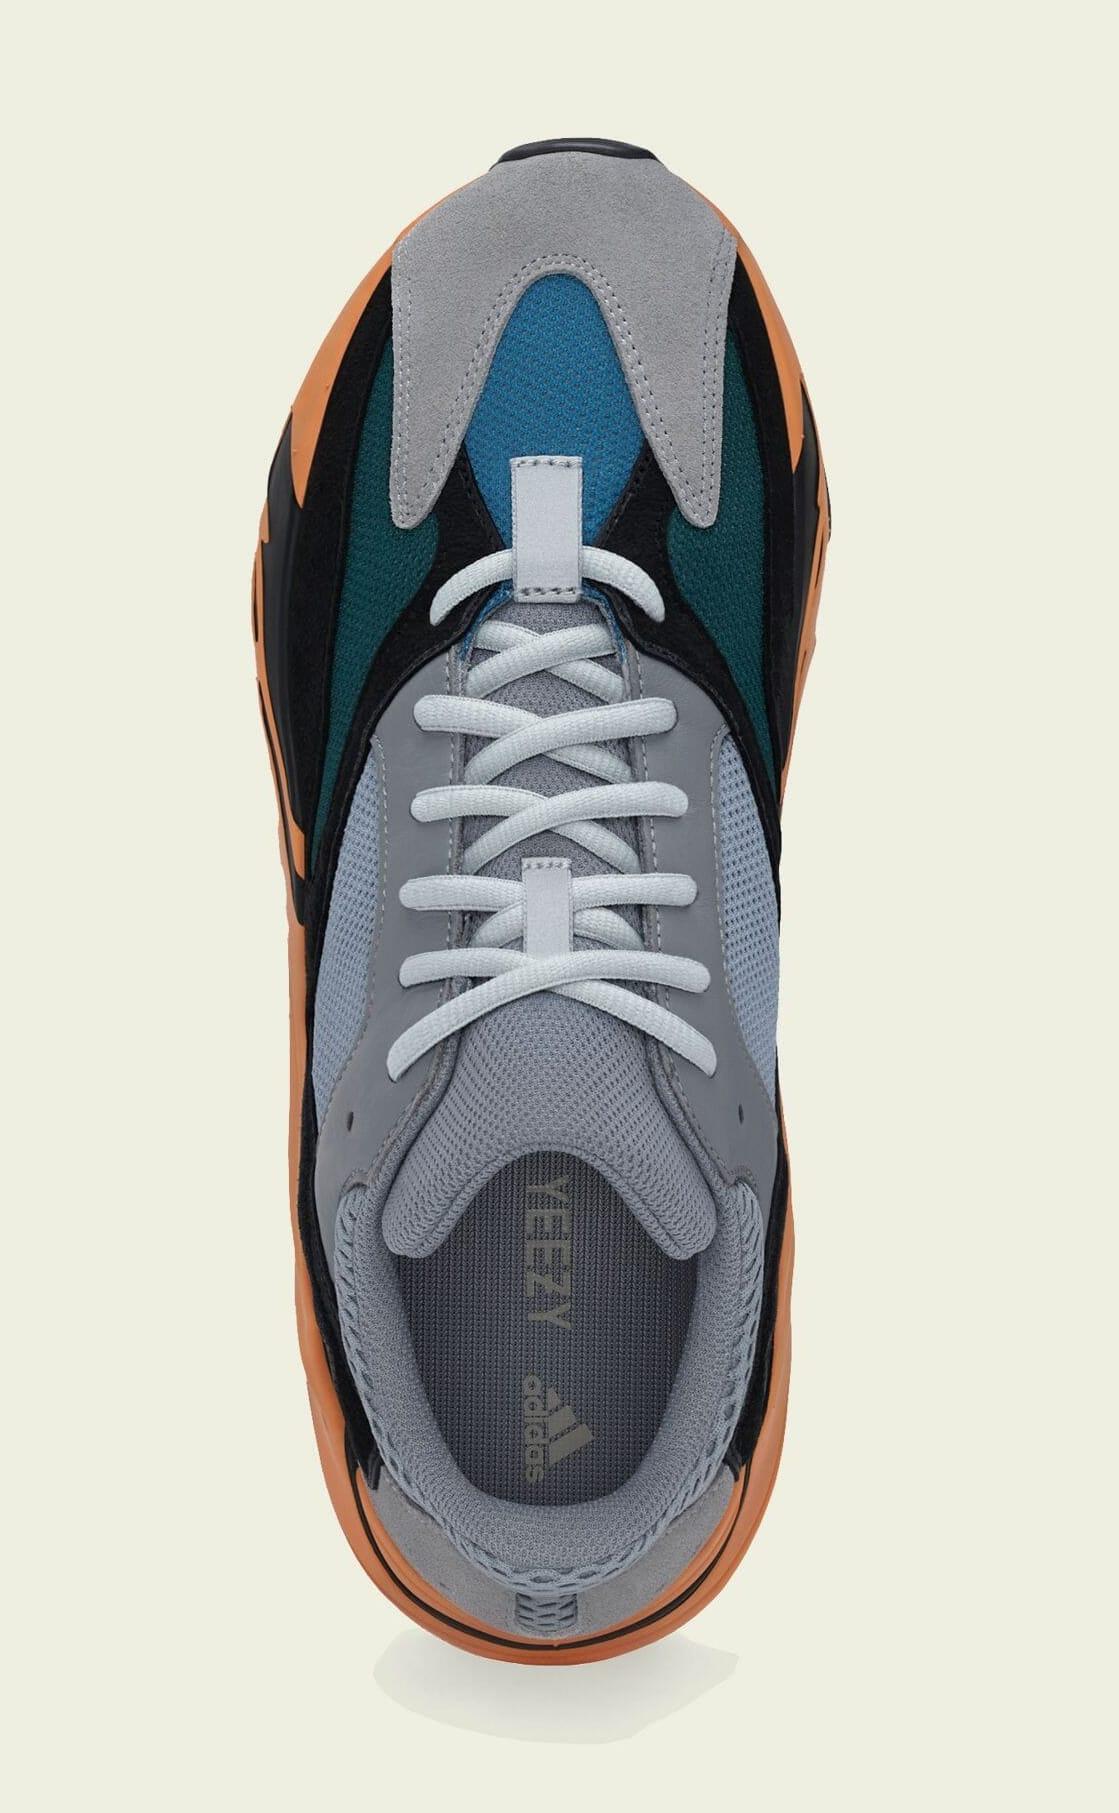 Adidas Yeezy Boost 700 'Wash Orange' GW0296 Top